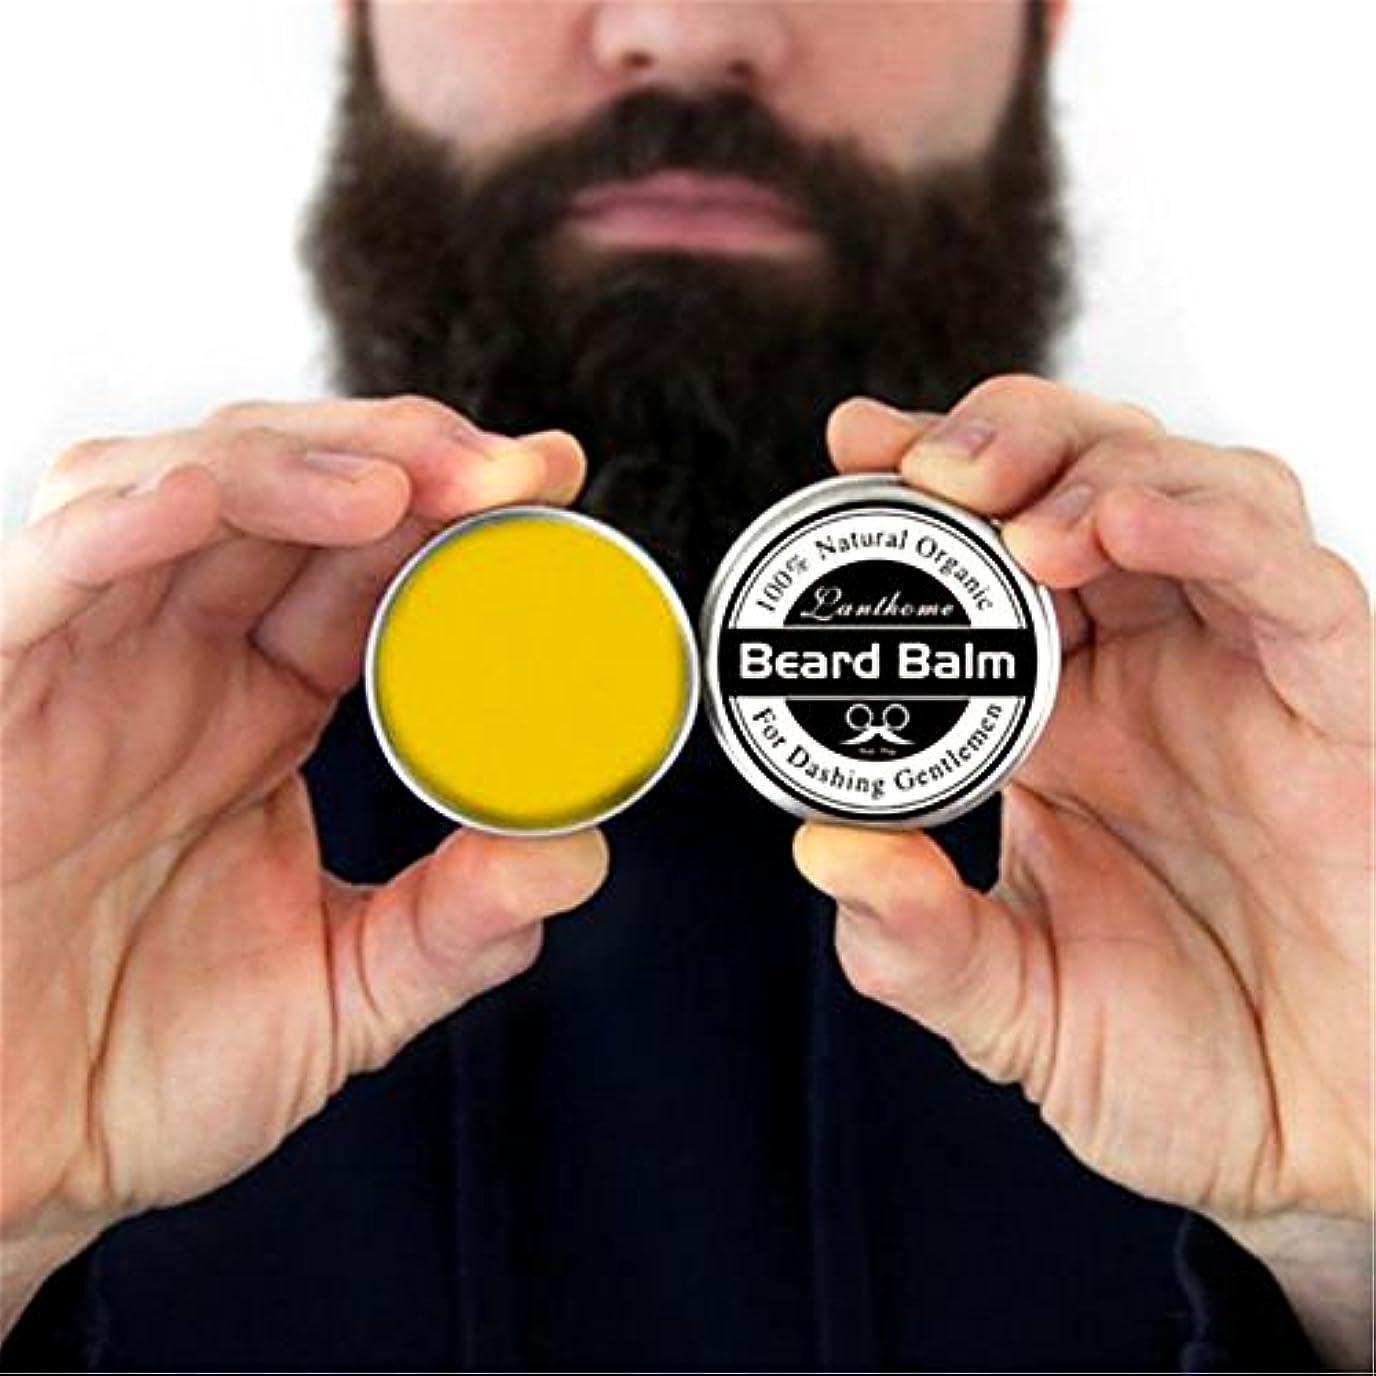 いつでも酸化物ほぼRuier-tong ビアードバーム メンズひげワックス 口髭用ワックス ひげクリーム 保湿/滋養/ひげ根のケアなどの効果  ひげケア必需品 携帯便利